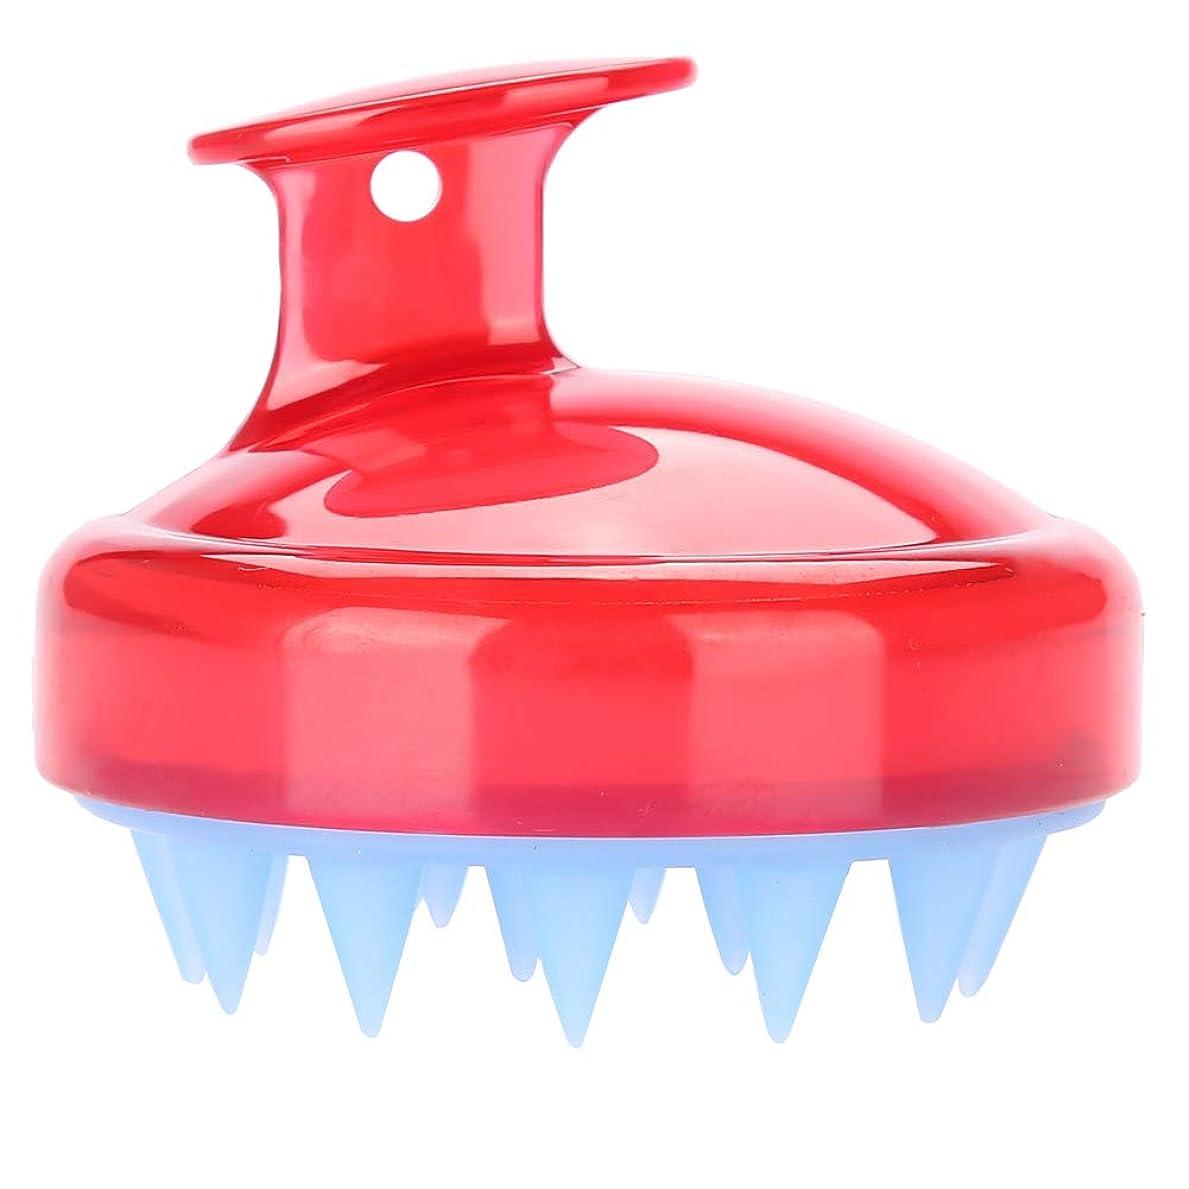 シンプルさ殺しますために5色マッサージャーヘッド - スカルプマッサージャー、マッサージャーブラシヘッドシャンプー - ボディ洗浄マッサージャーのためのシャワーブラシ(赤)